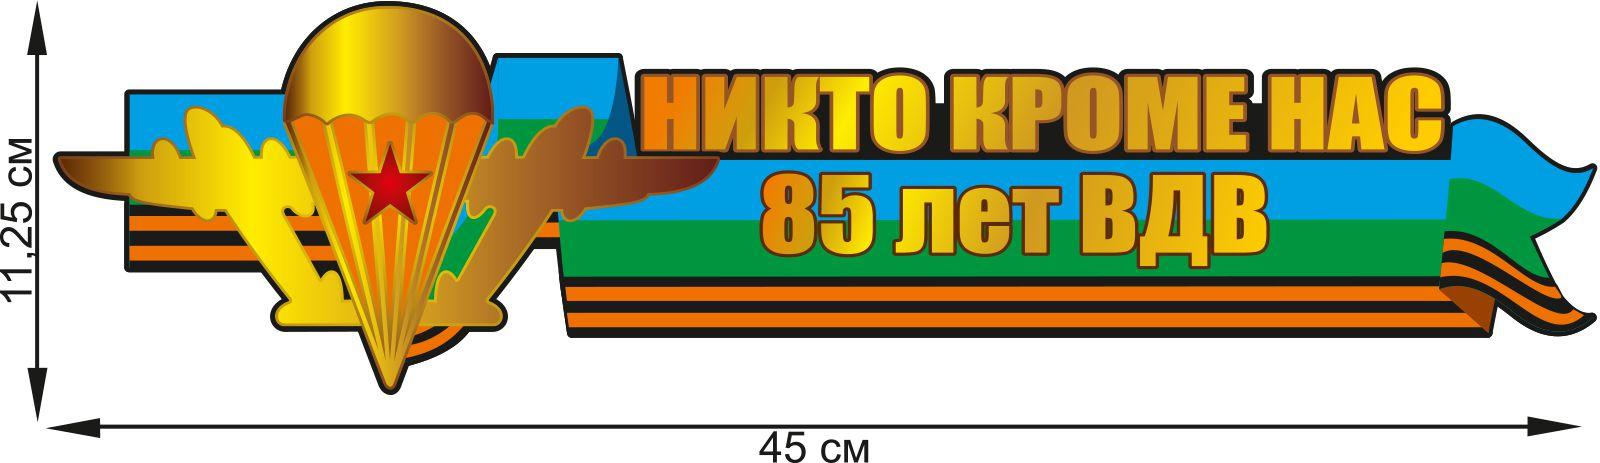 Наклейка на машину к 85-летию ВДВ